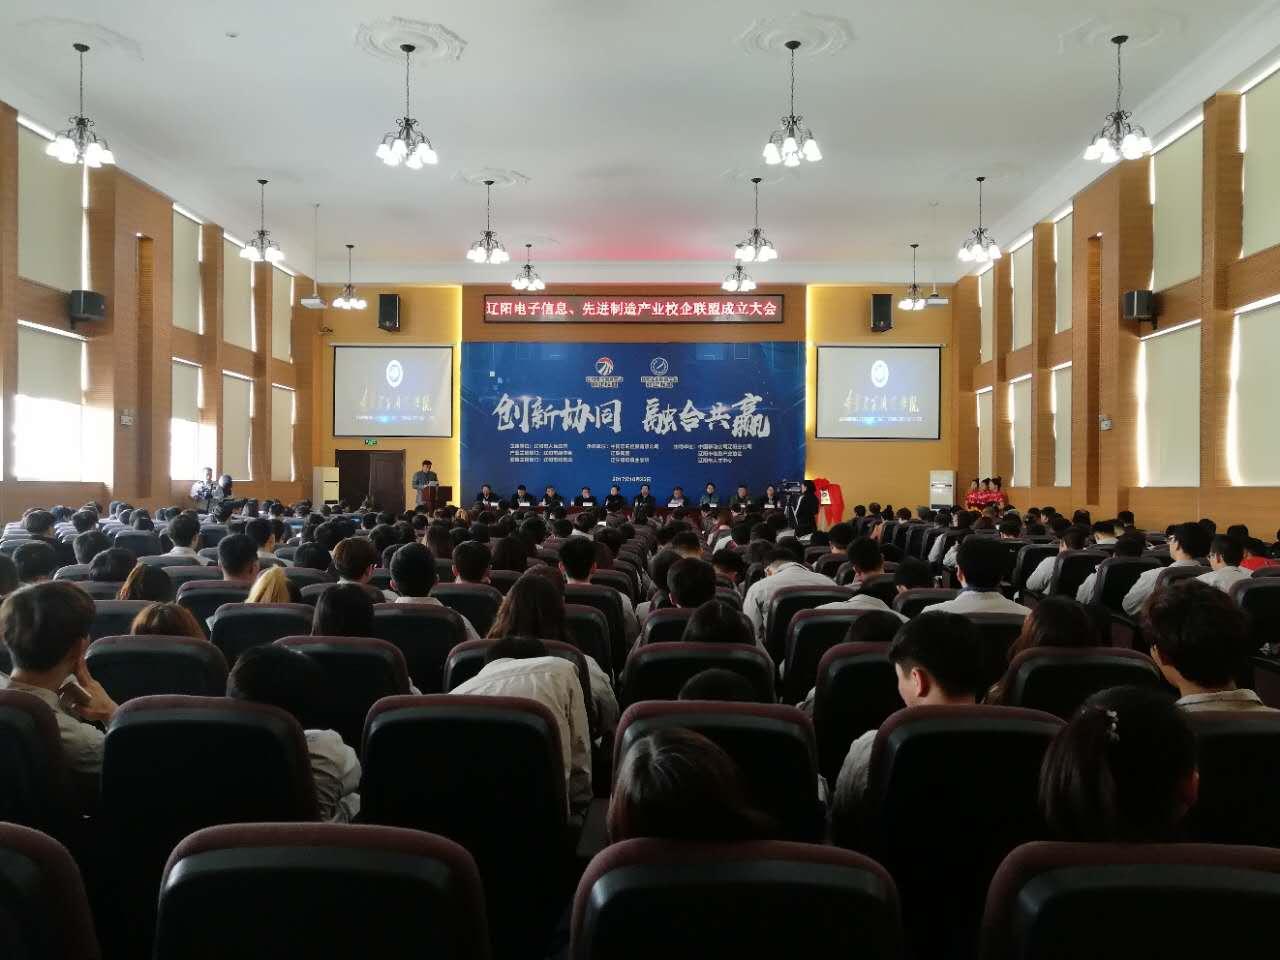 创新协同•融合共赢—记辽阳电子信息、先进制造产业校企联盟成立大会